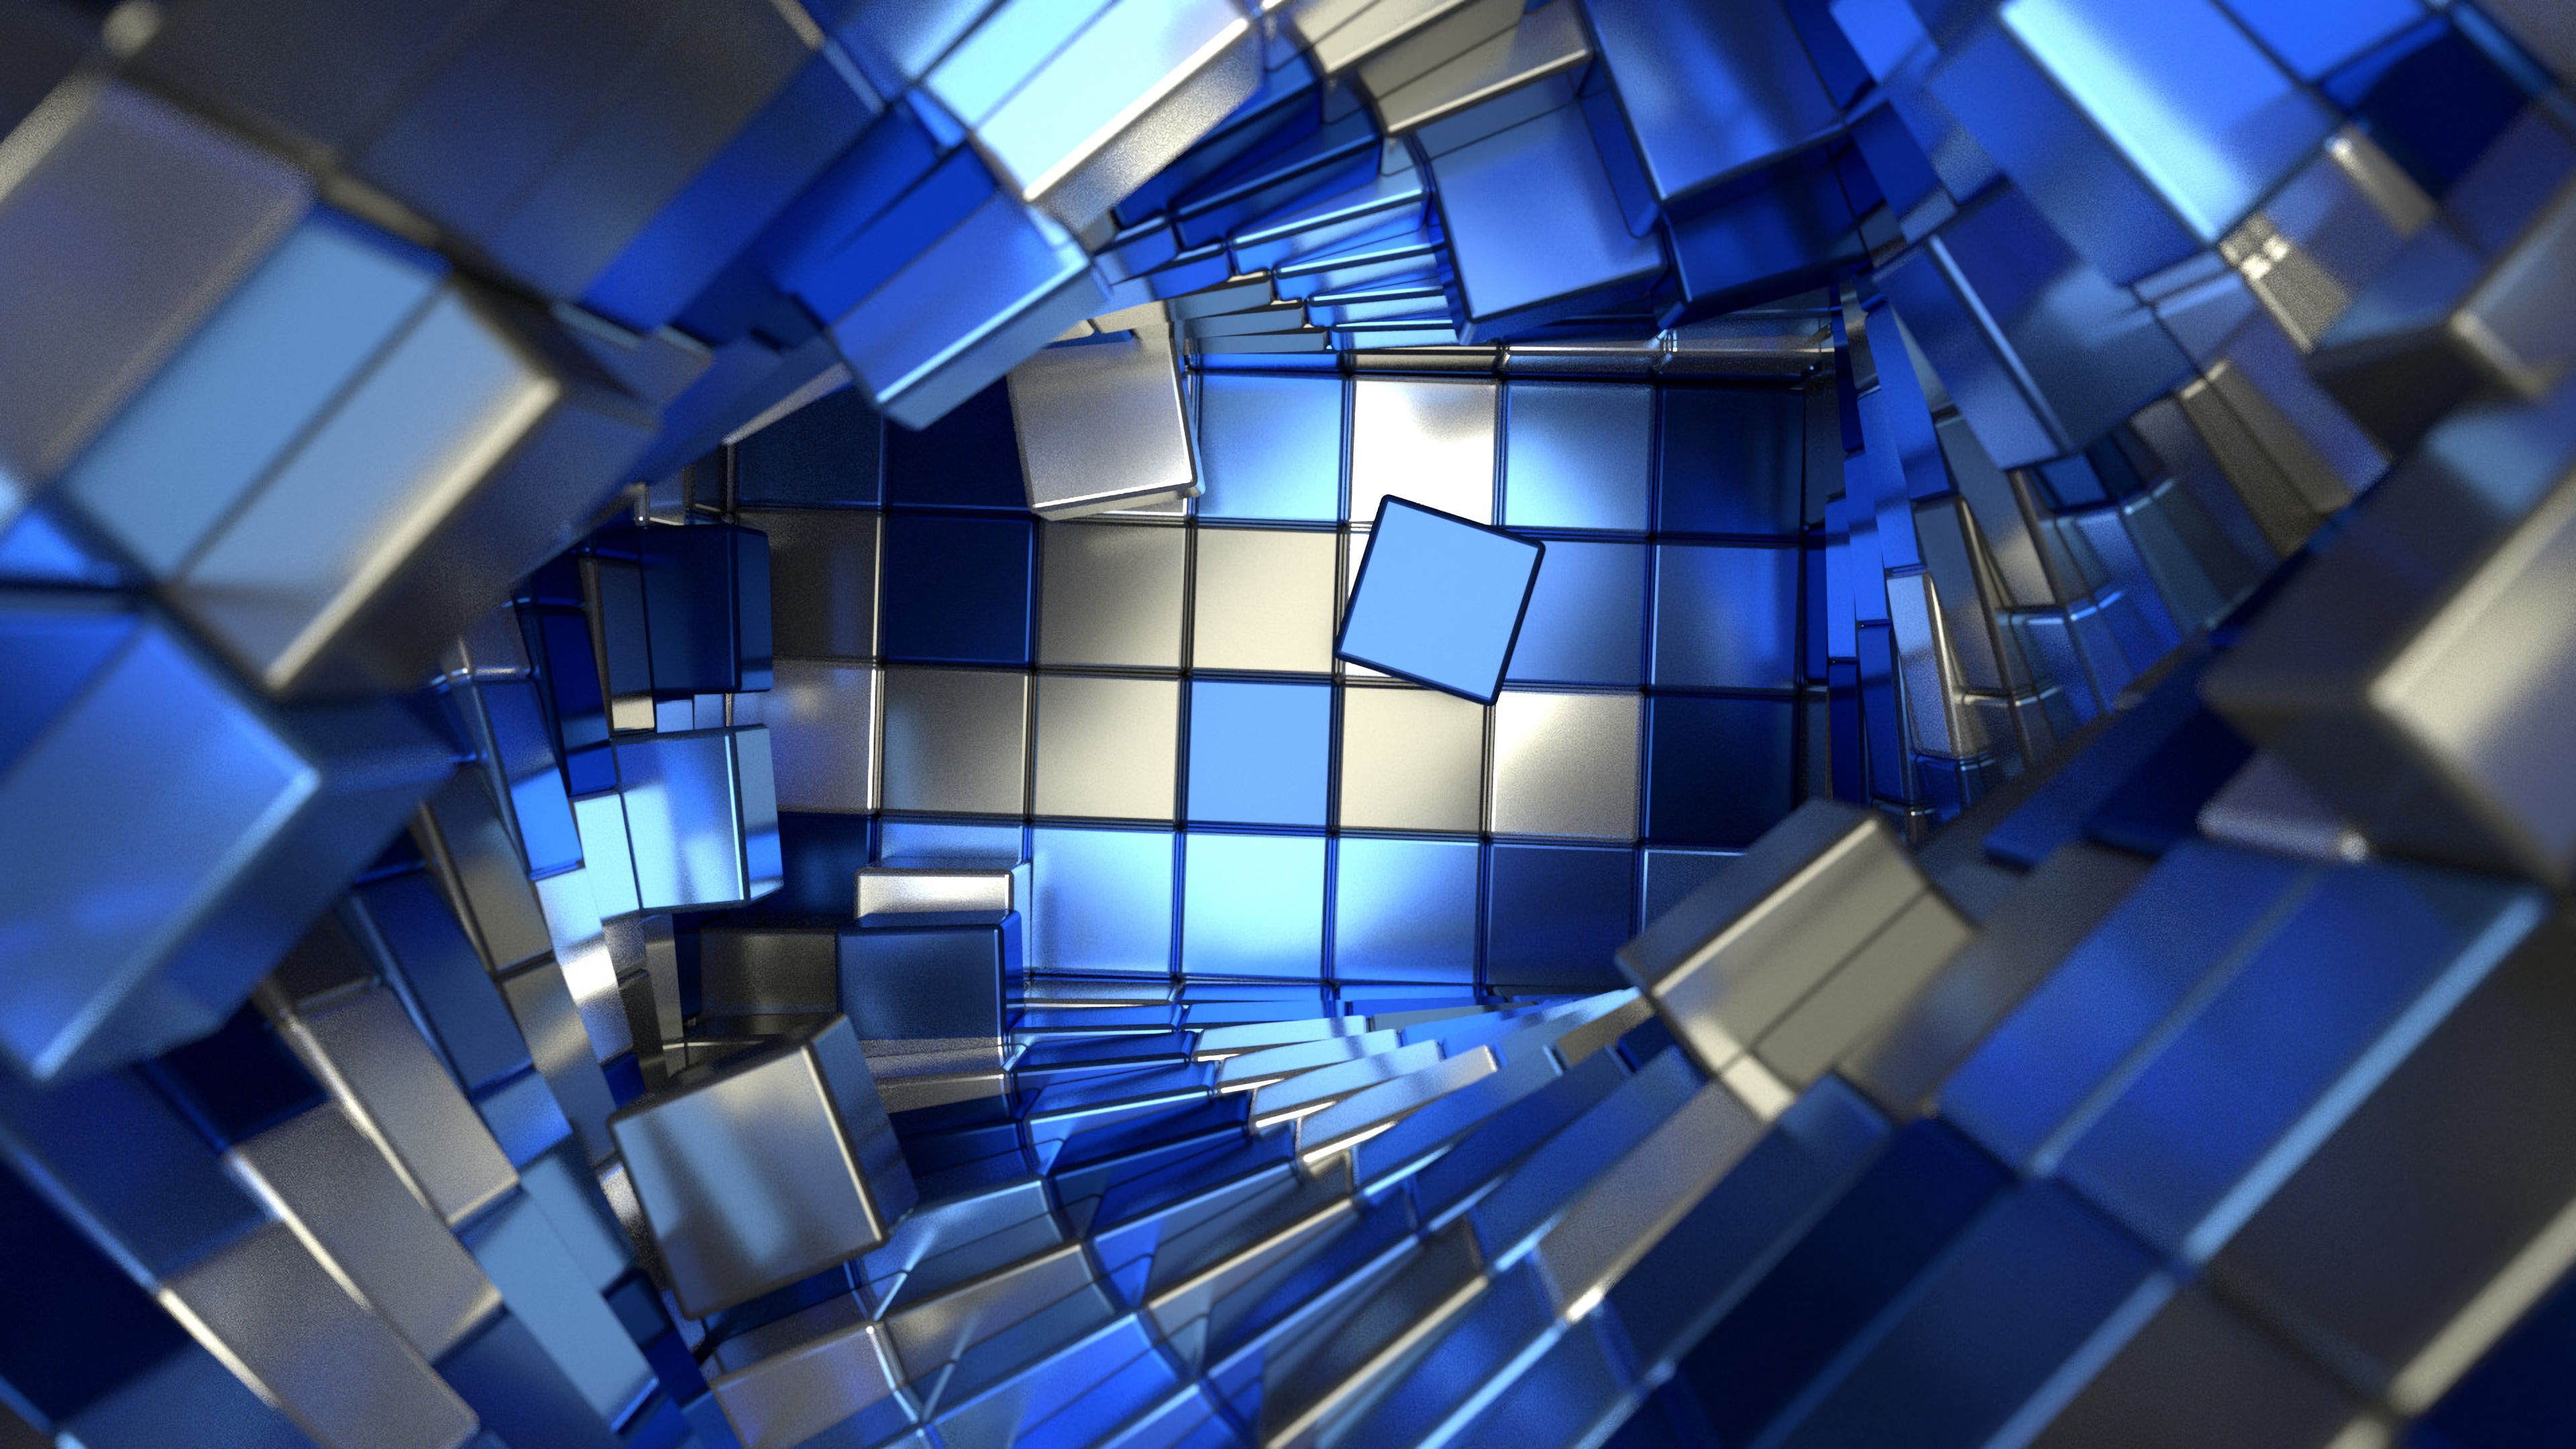 63686 Salvapantallas y fondos de pantalla 3D en tu teléfono. Descarga imágenes de Cubo, Cuadrado, Volumen, 3D, Textura gratis